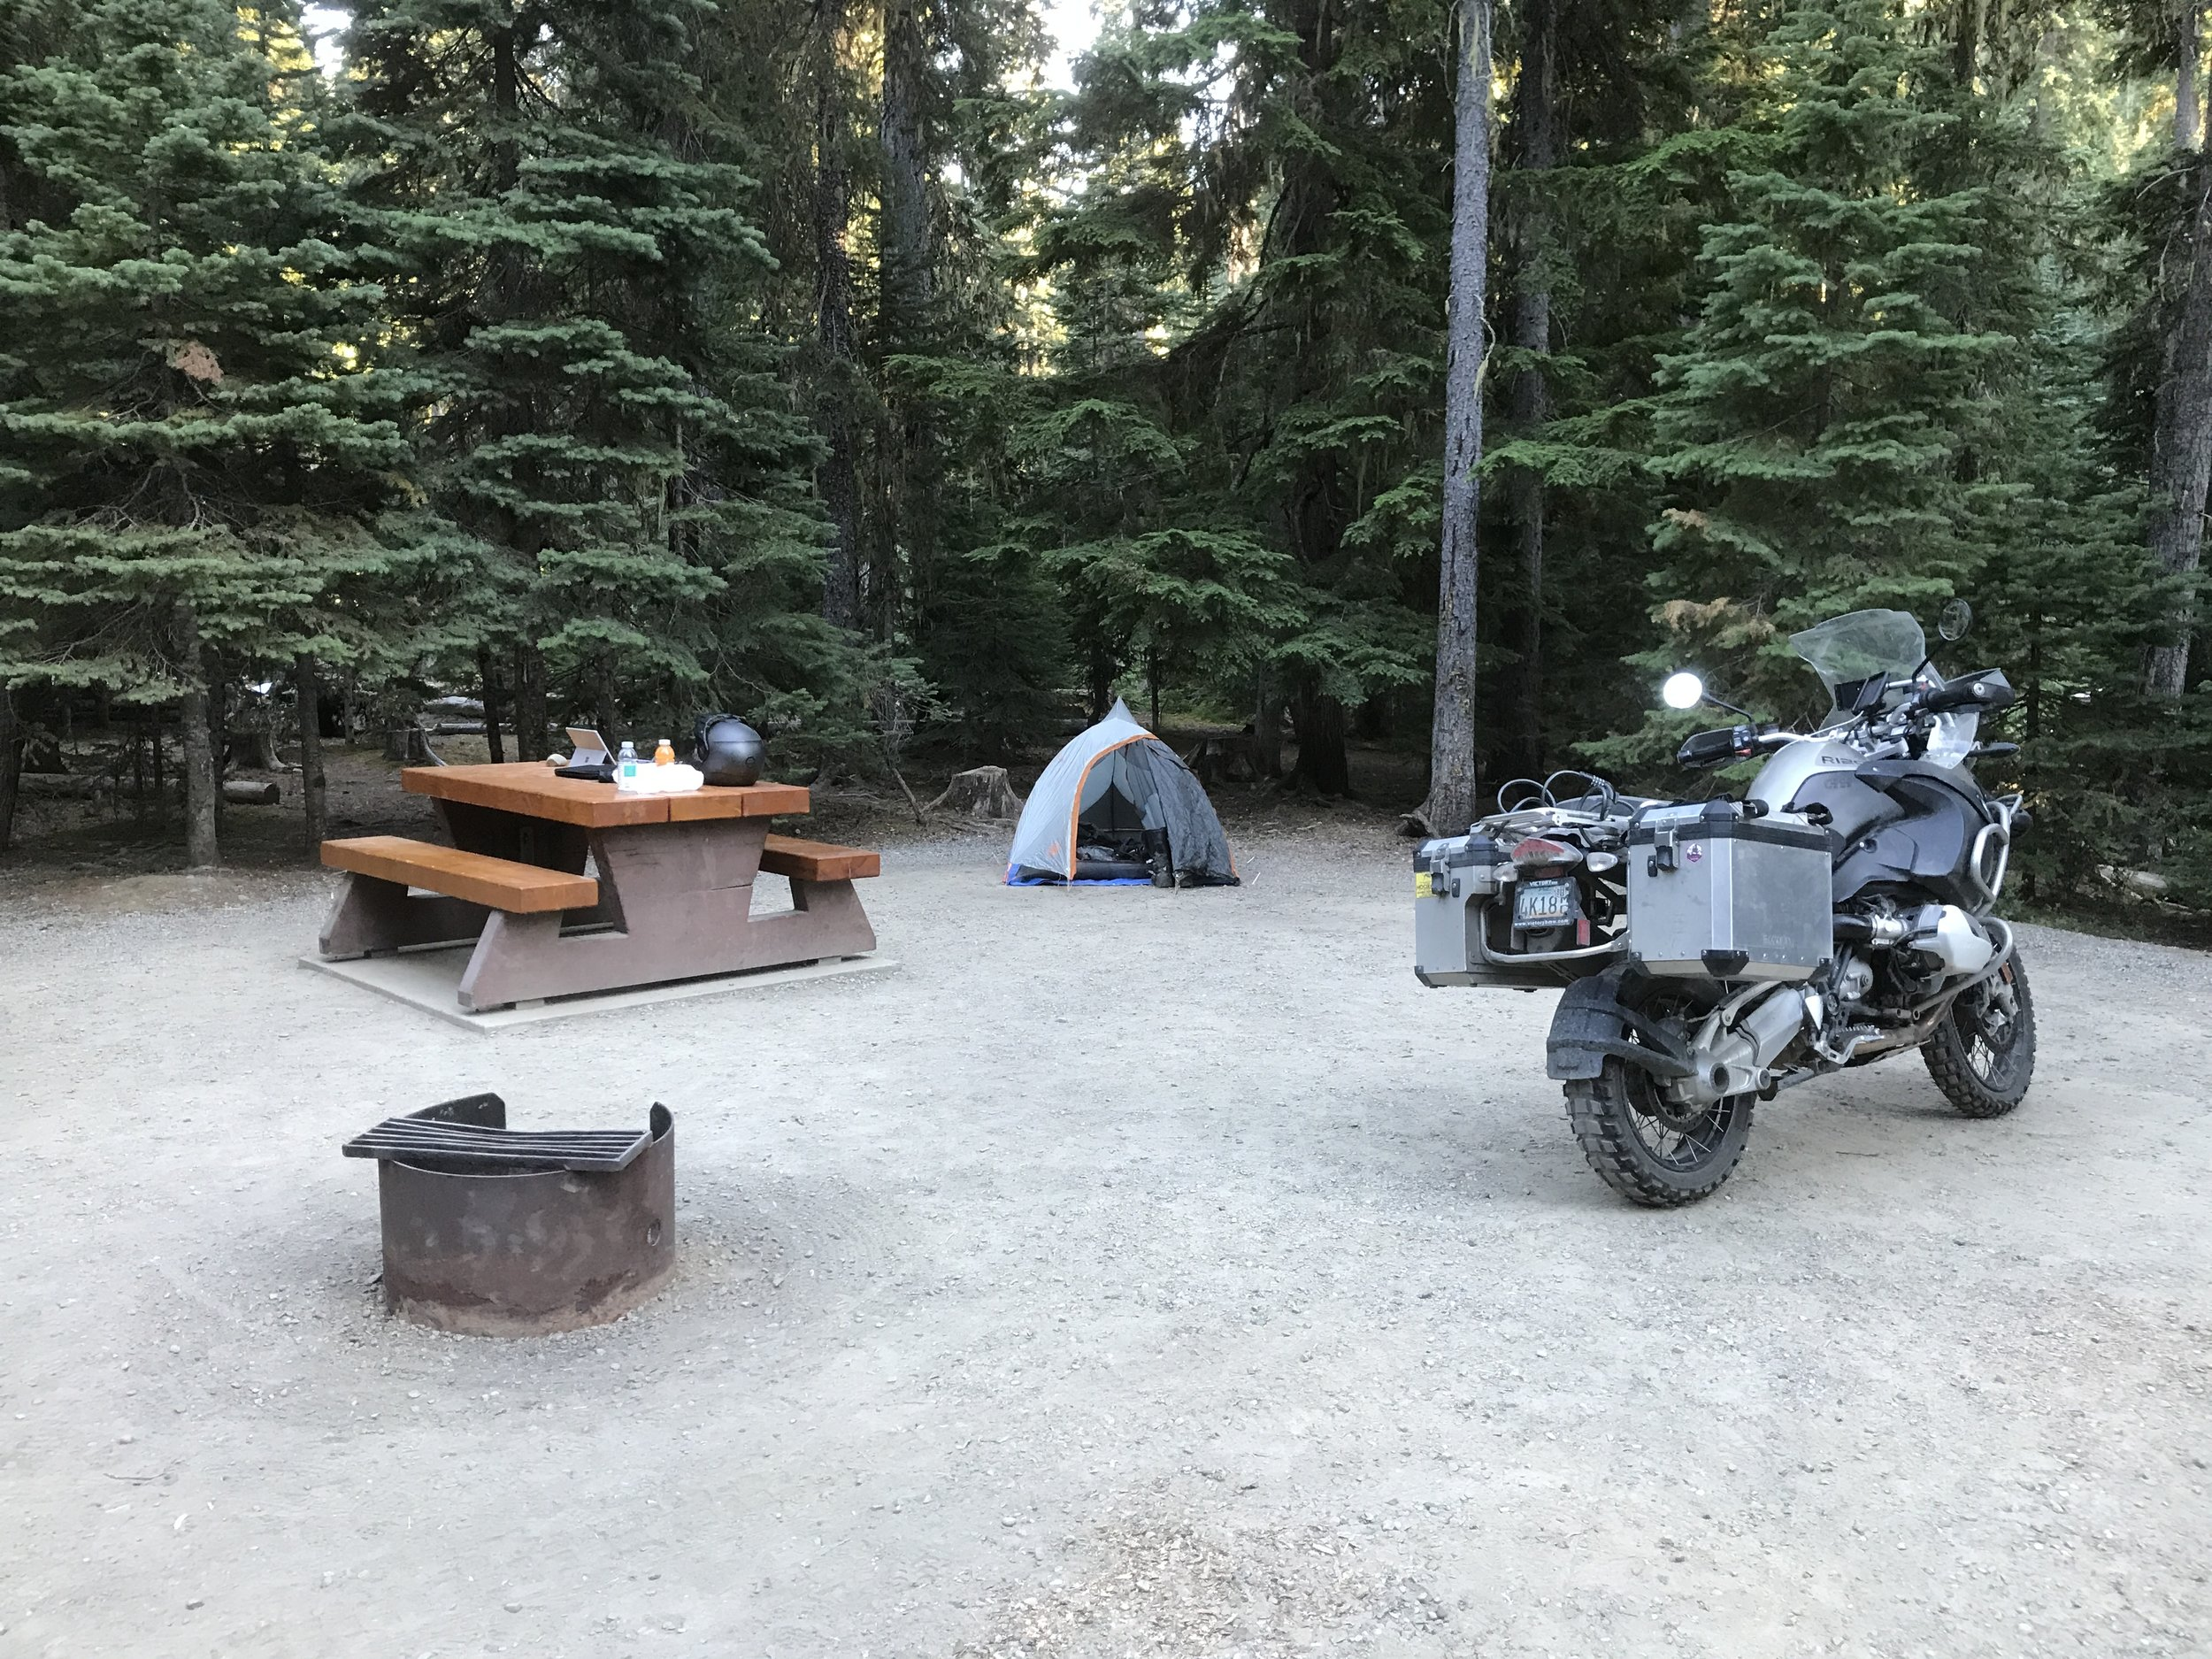 Luxury campsite in Manning Park.